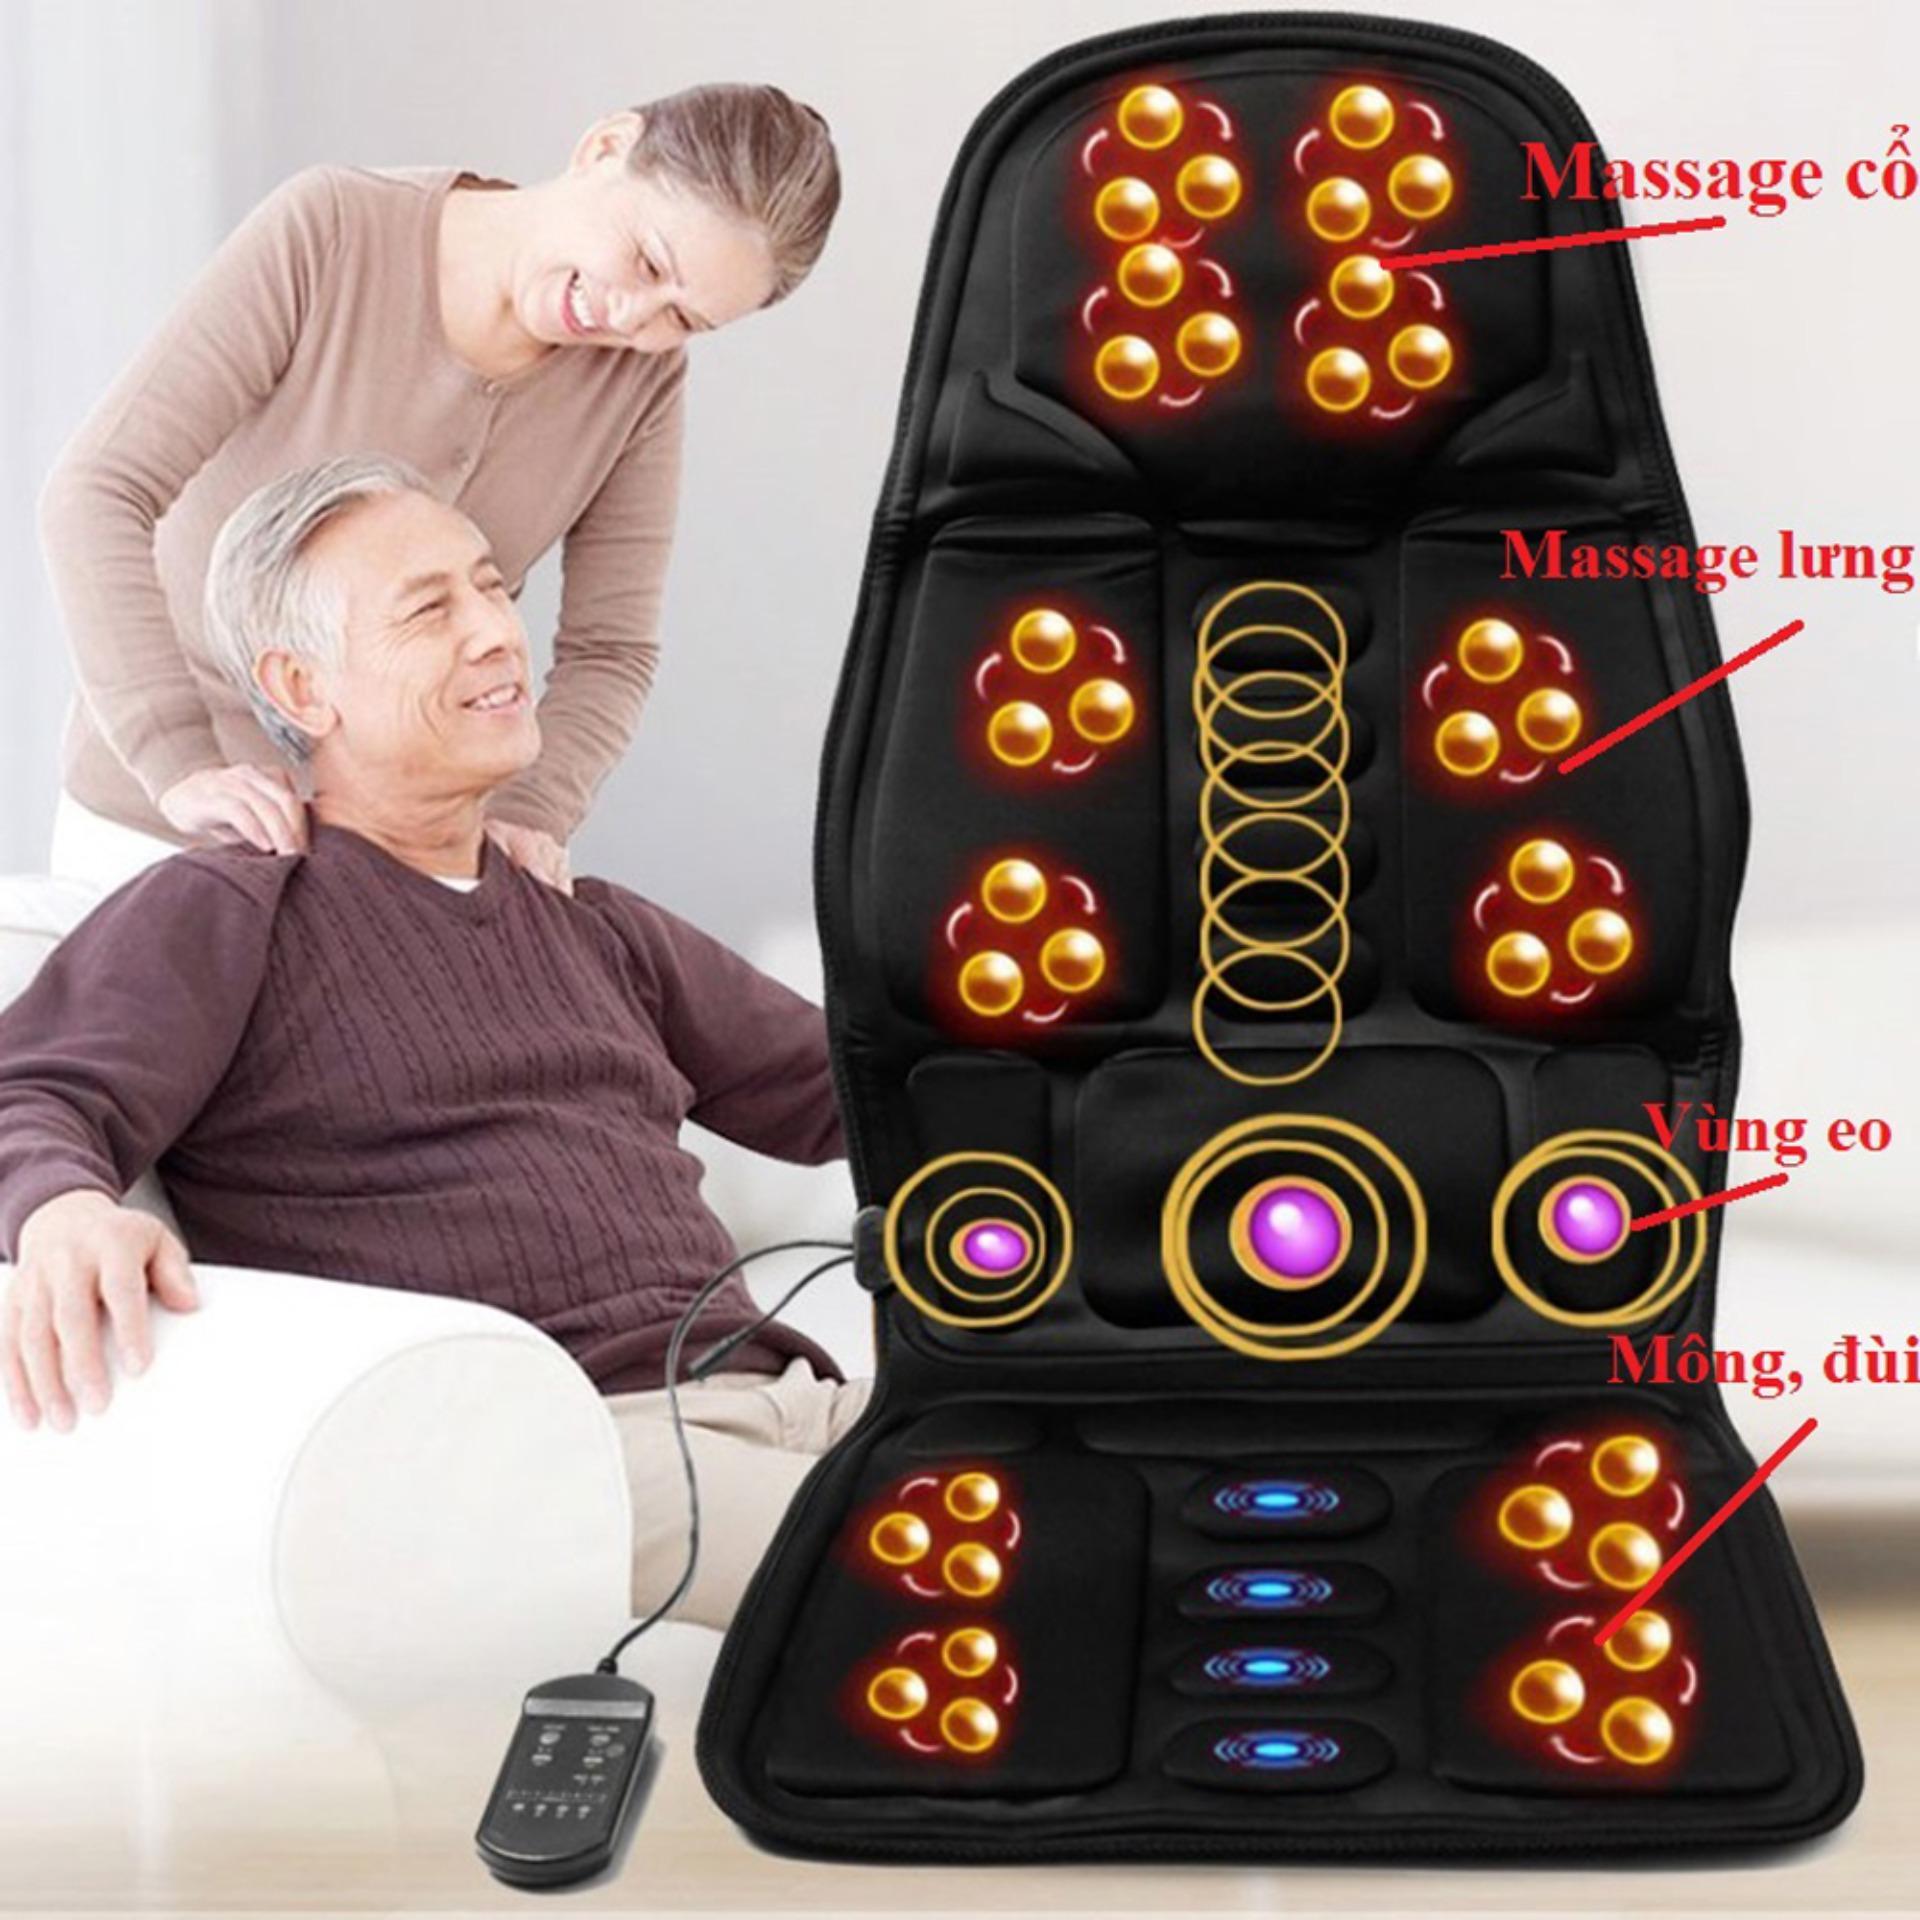 Ghế Massage, Đệm Massage Toàn Thân Mua Ngay Đệm Ghế Masage Hong Ngoai Cao Cấp Bảo Hành Uy Tín Lỗi 1 Đổi 1 SALE 50% Có Giá Rất Tốt